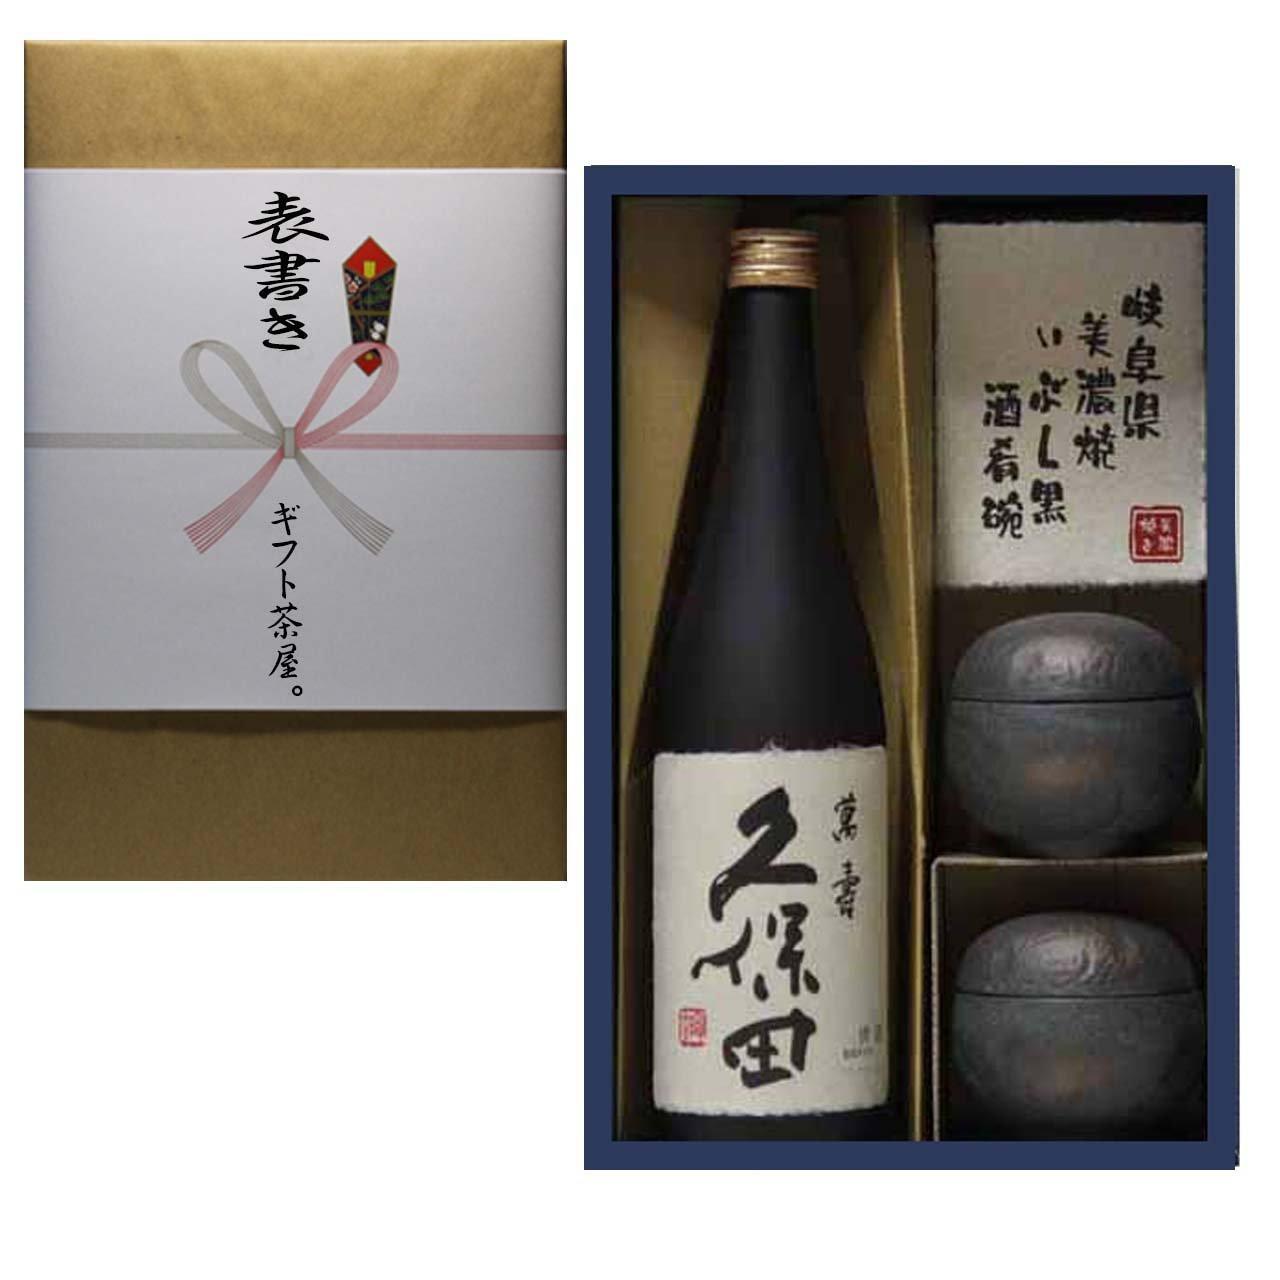 久保田 萬寿 純米大吟醸+美濃焼 酒肴椀セット 720ml ギフト プレゼント 父の日 B07DGKH5Z7 父の日 父の日